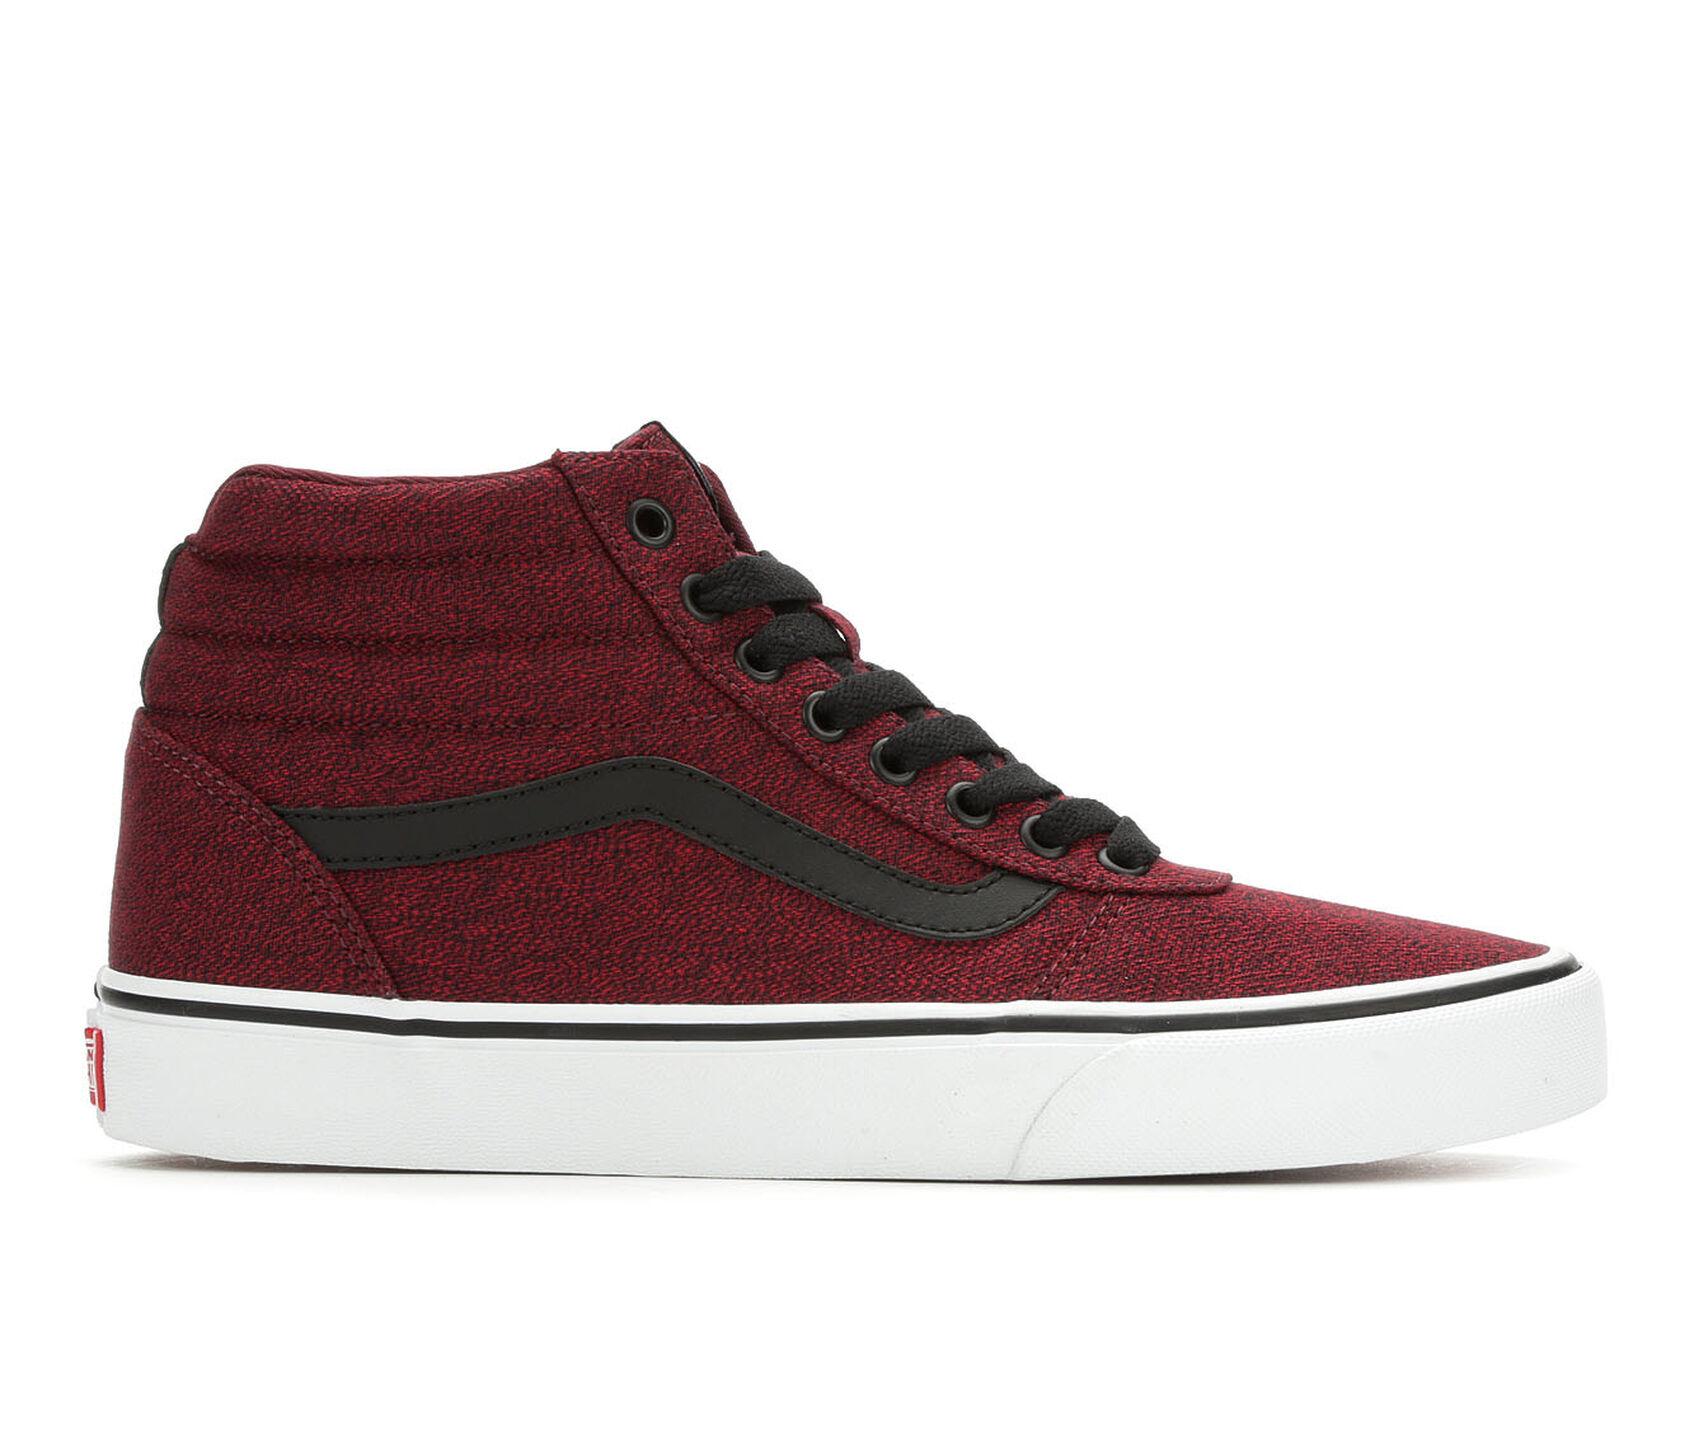 5eef478d92b ... Vans Ward Hi SE Skate Shoes. Previous